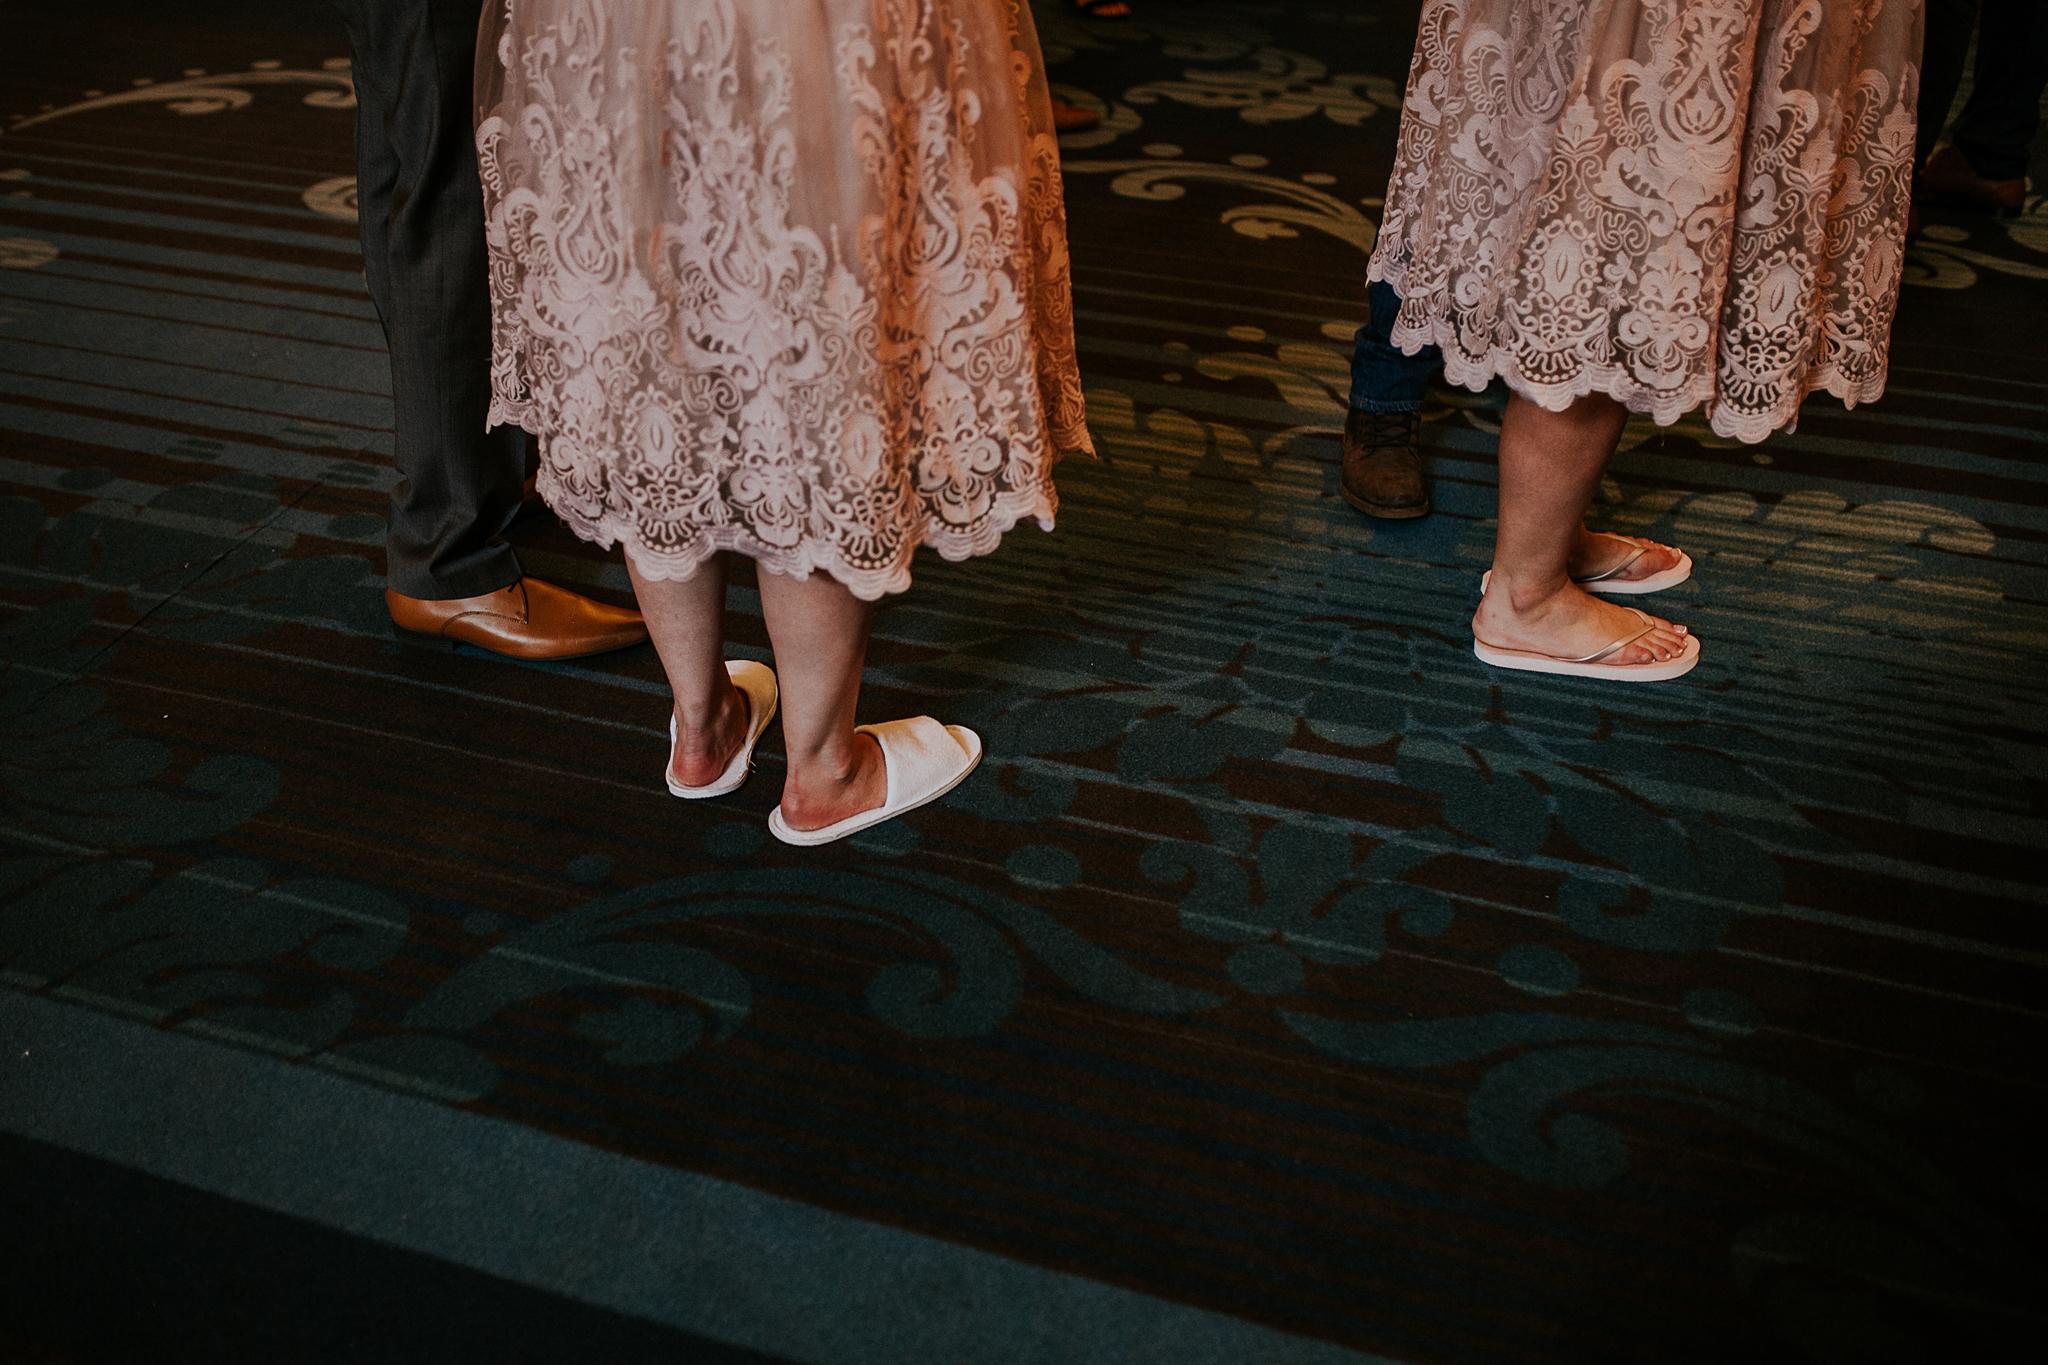 newcastle_upon_tyne_wedding_photographer-63.JPG